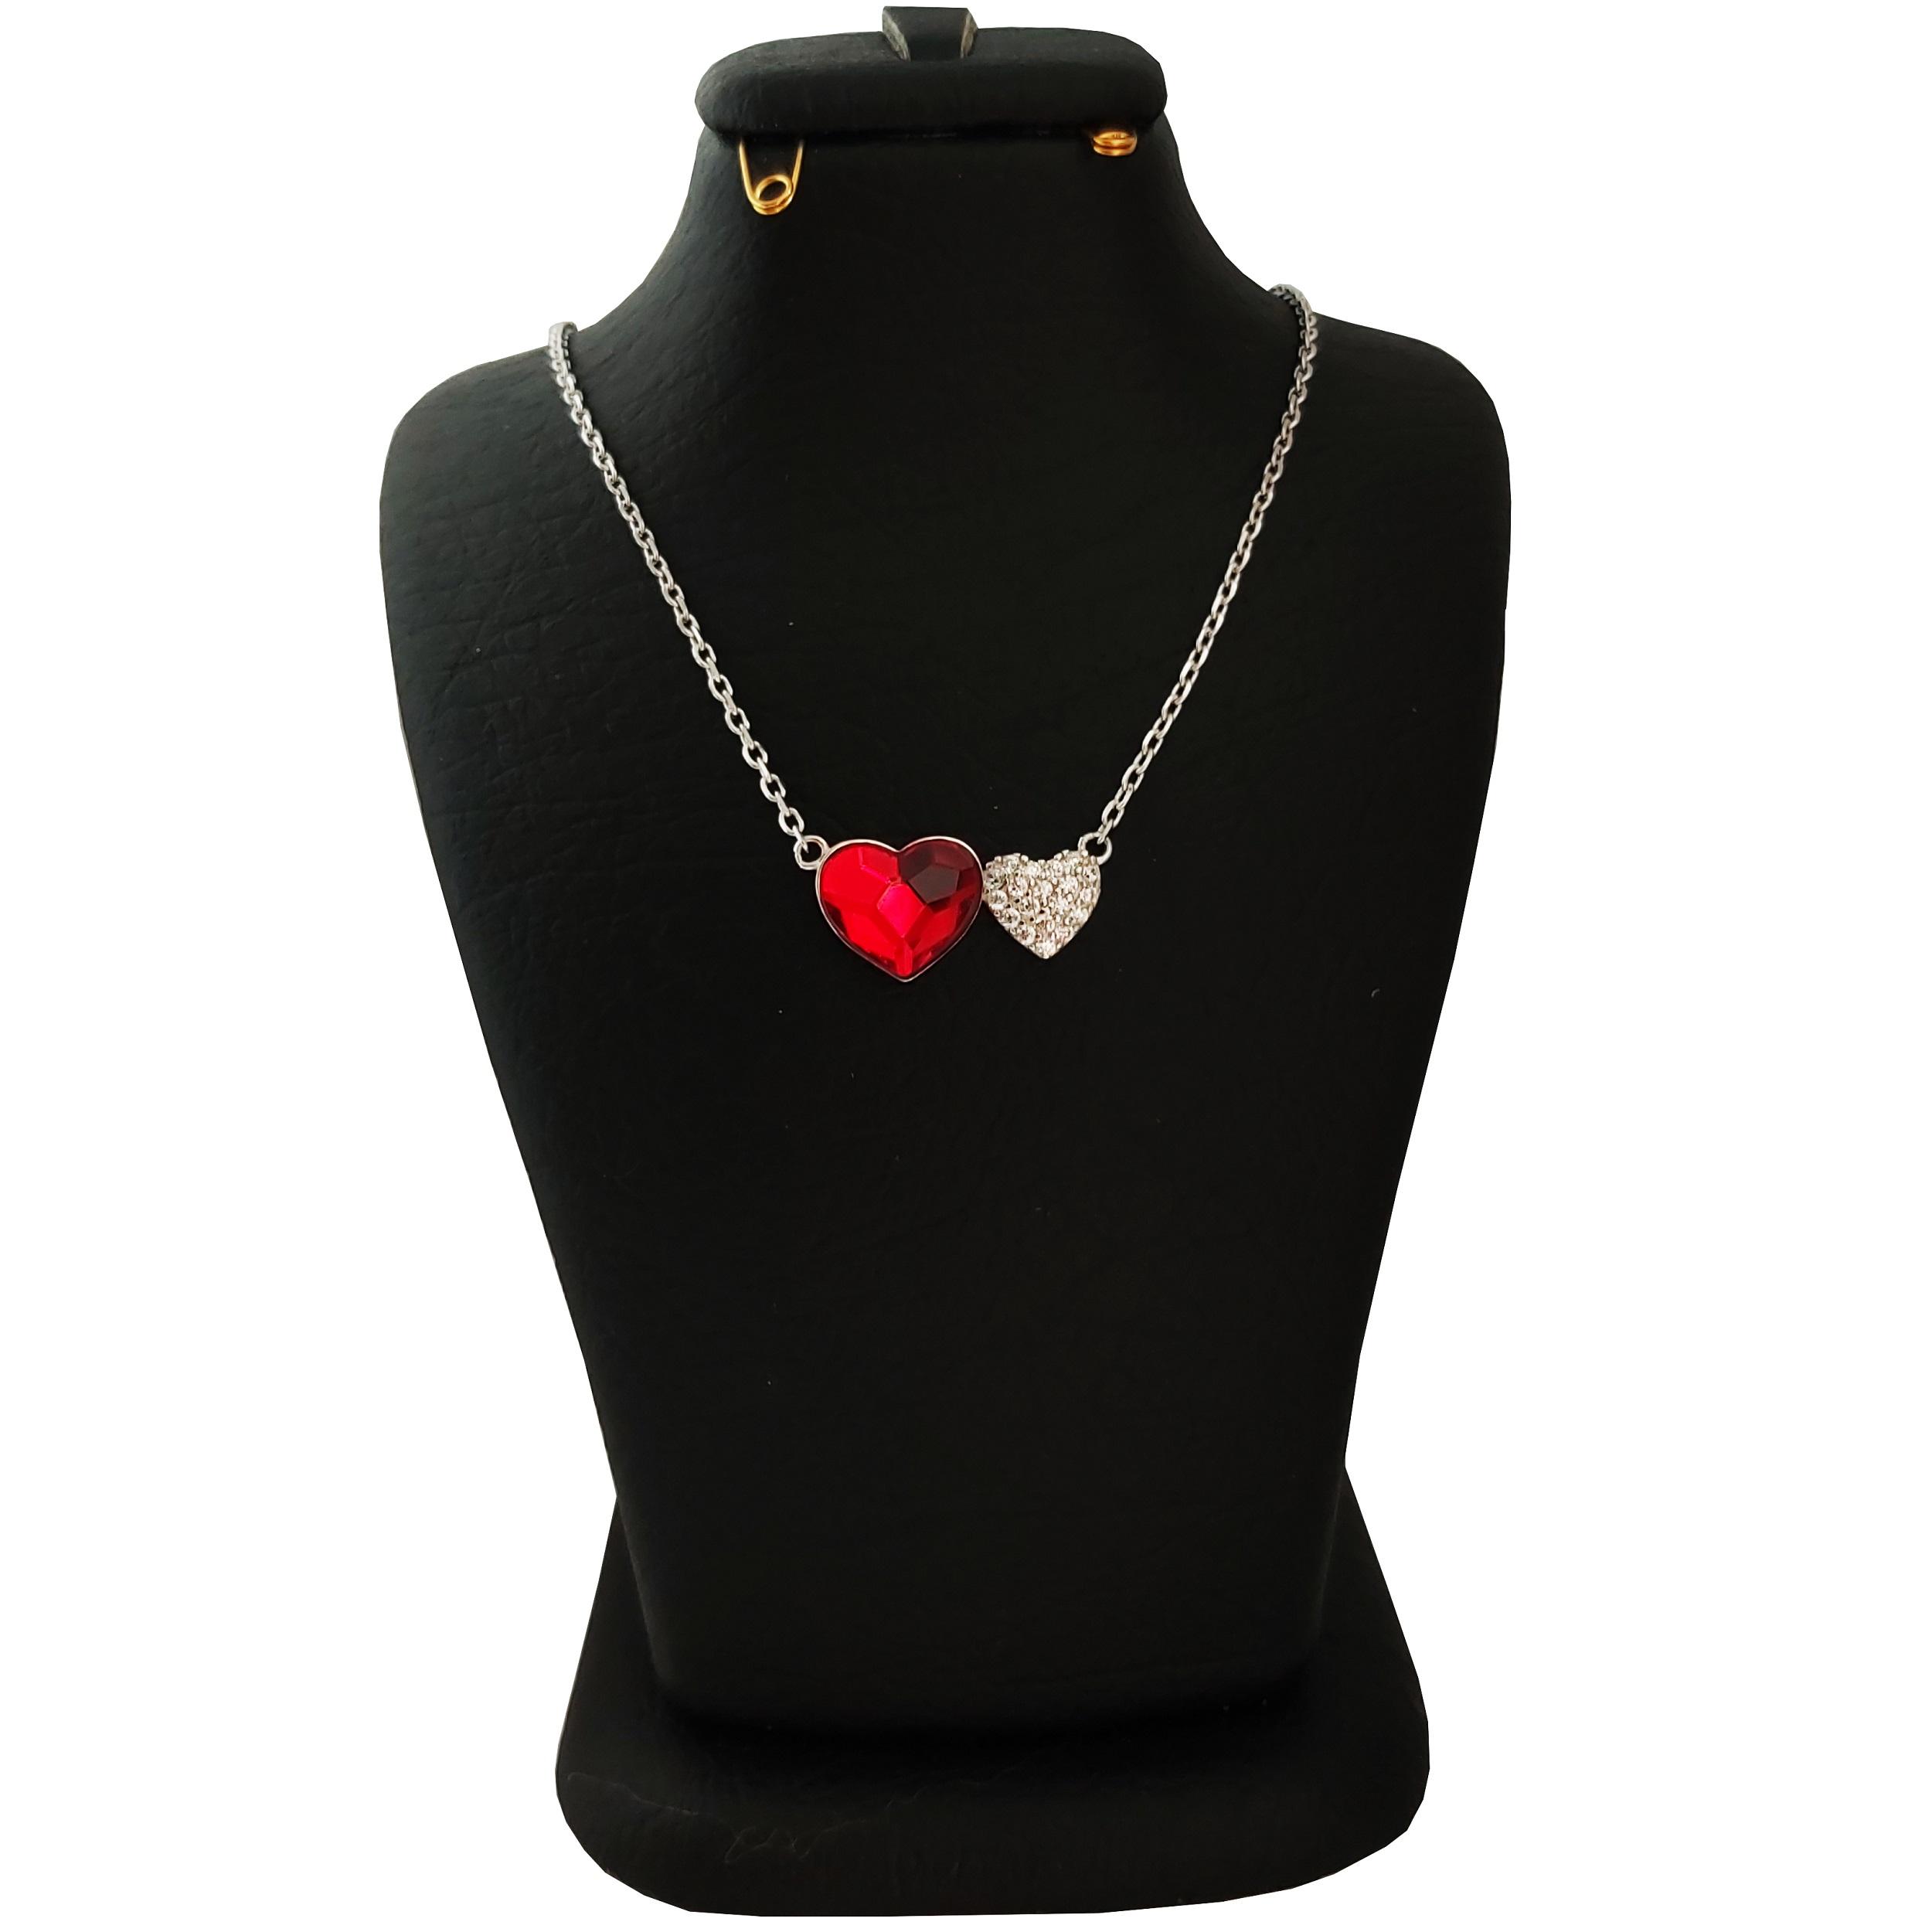 گردنبند نقره زنانه سواروسکی مدل قلب کد NR